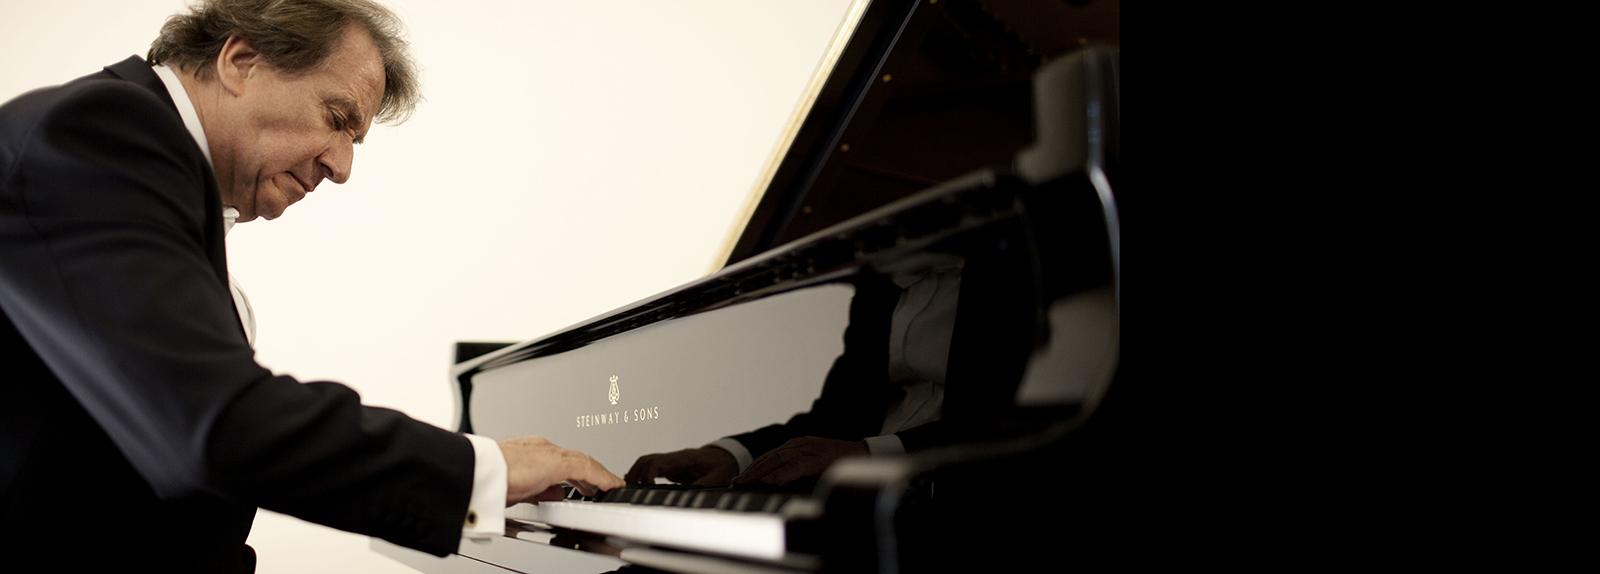 Concertos de Brahms